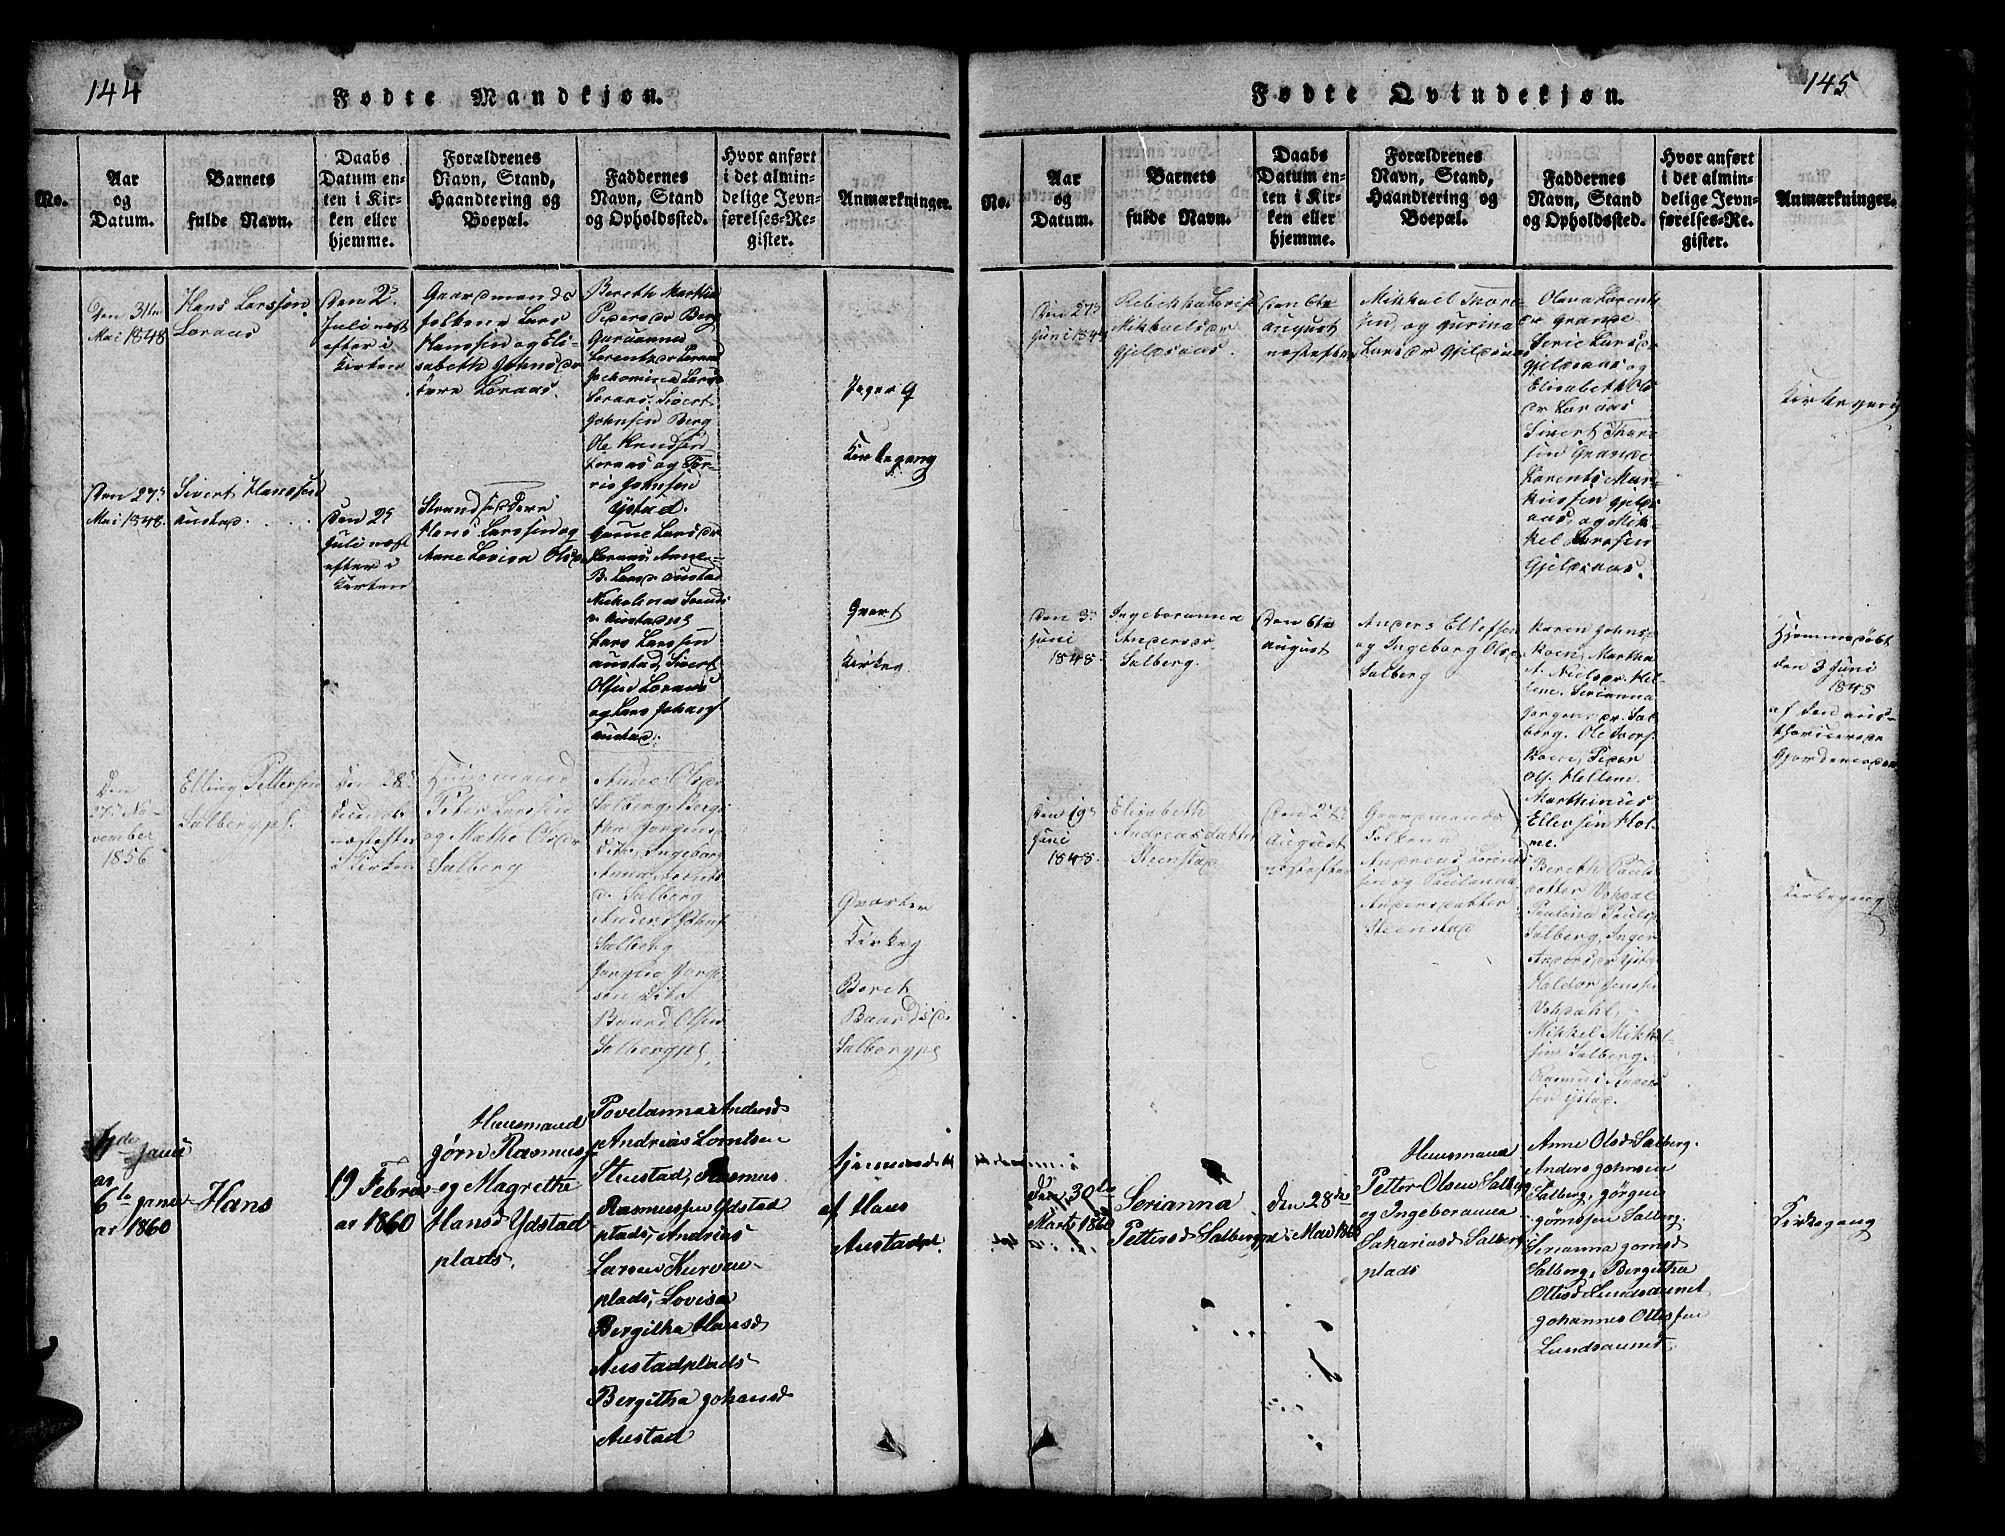 SAT, Ministerialprotokoller, klokkerbøker og fødselsregistre - Nord-Trøndelag, 731/L0310: Klokkerbok nr. 731C01, 1816-1874, s. 144-145